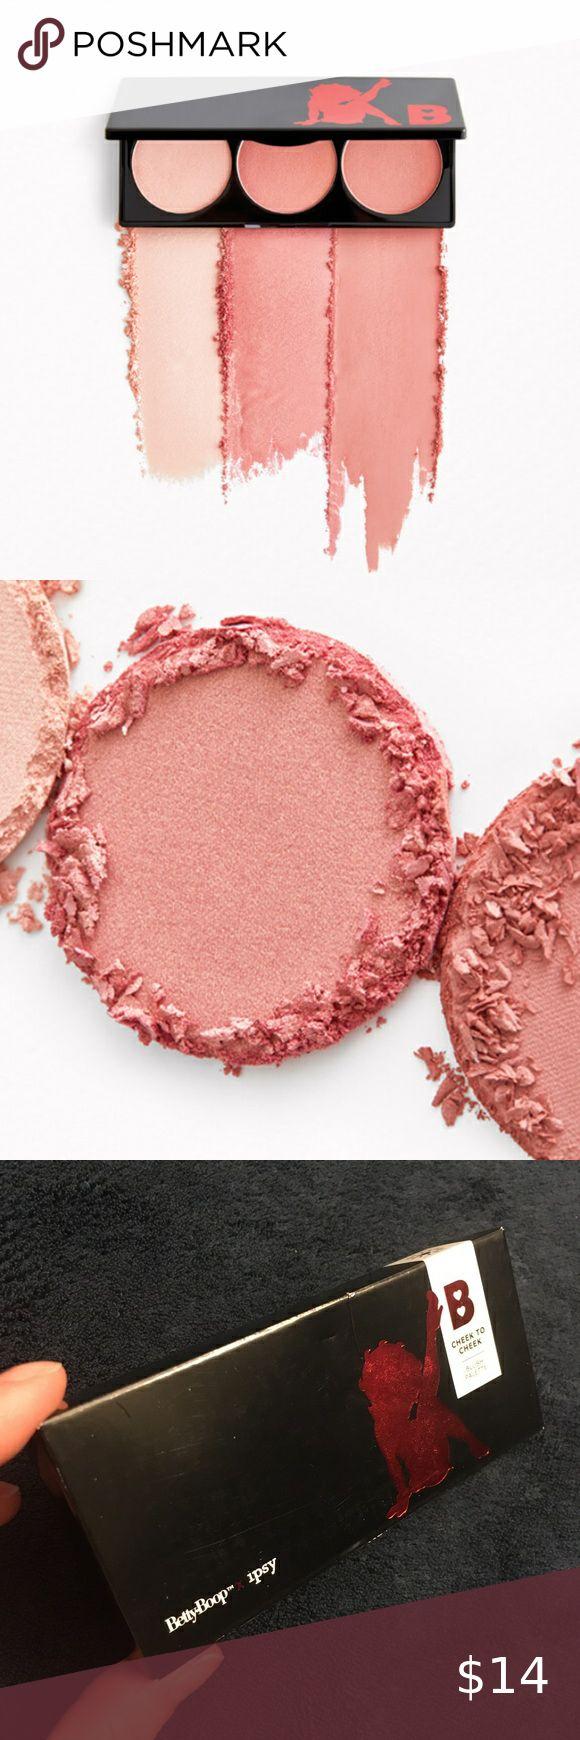 Betty Boop Cheek to Cheek Blush Palette in 2020 Blush